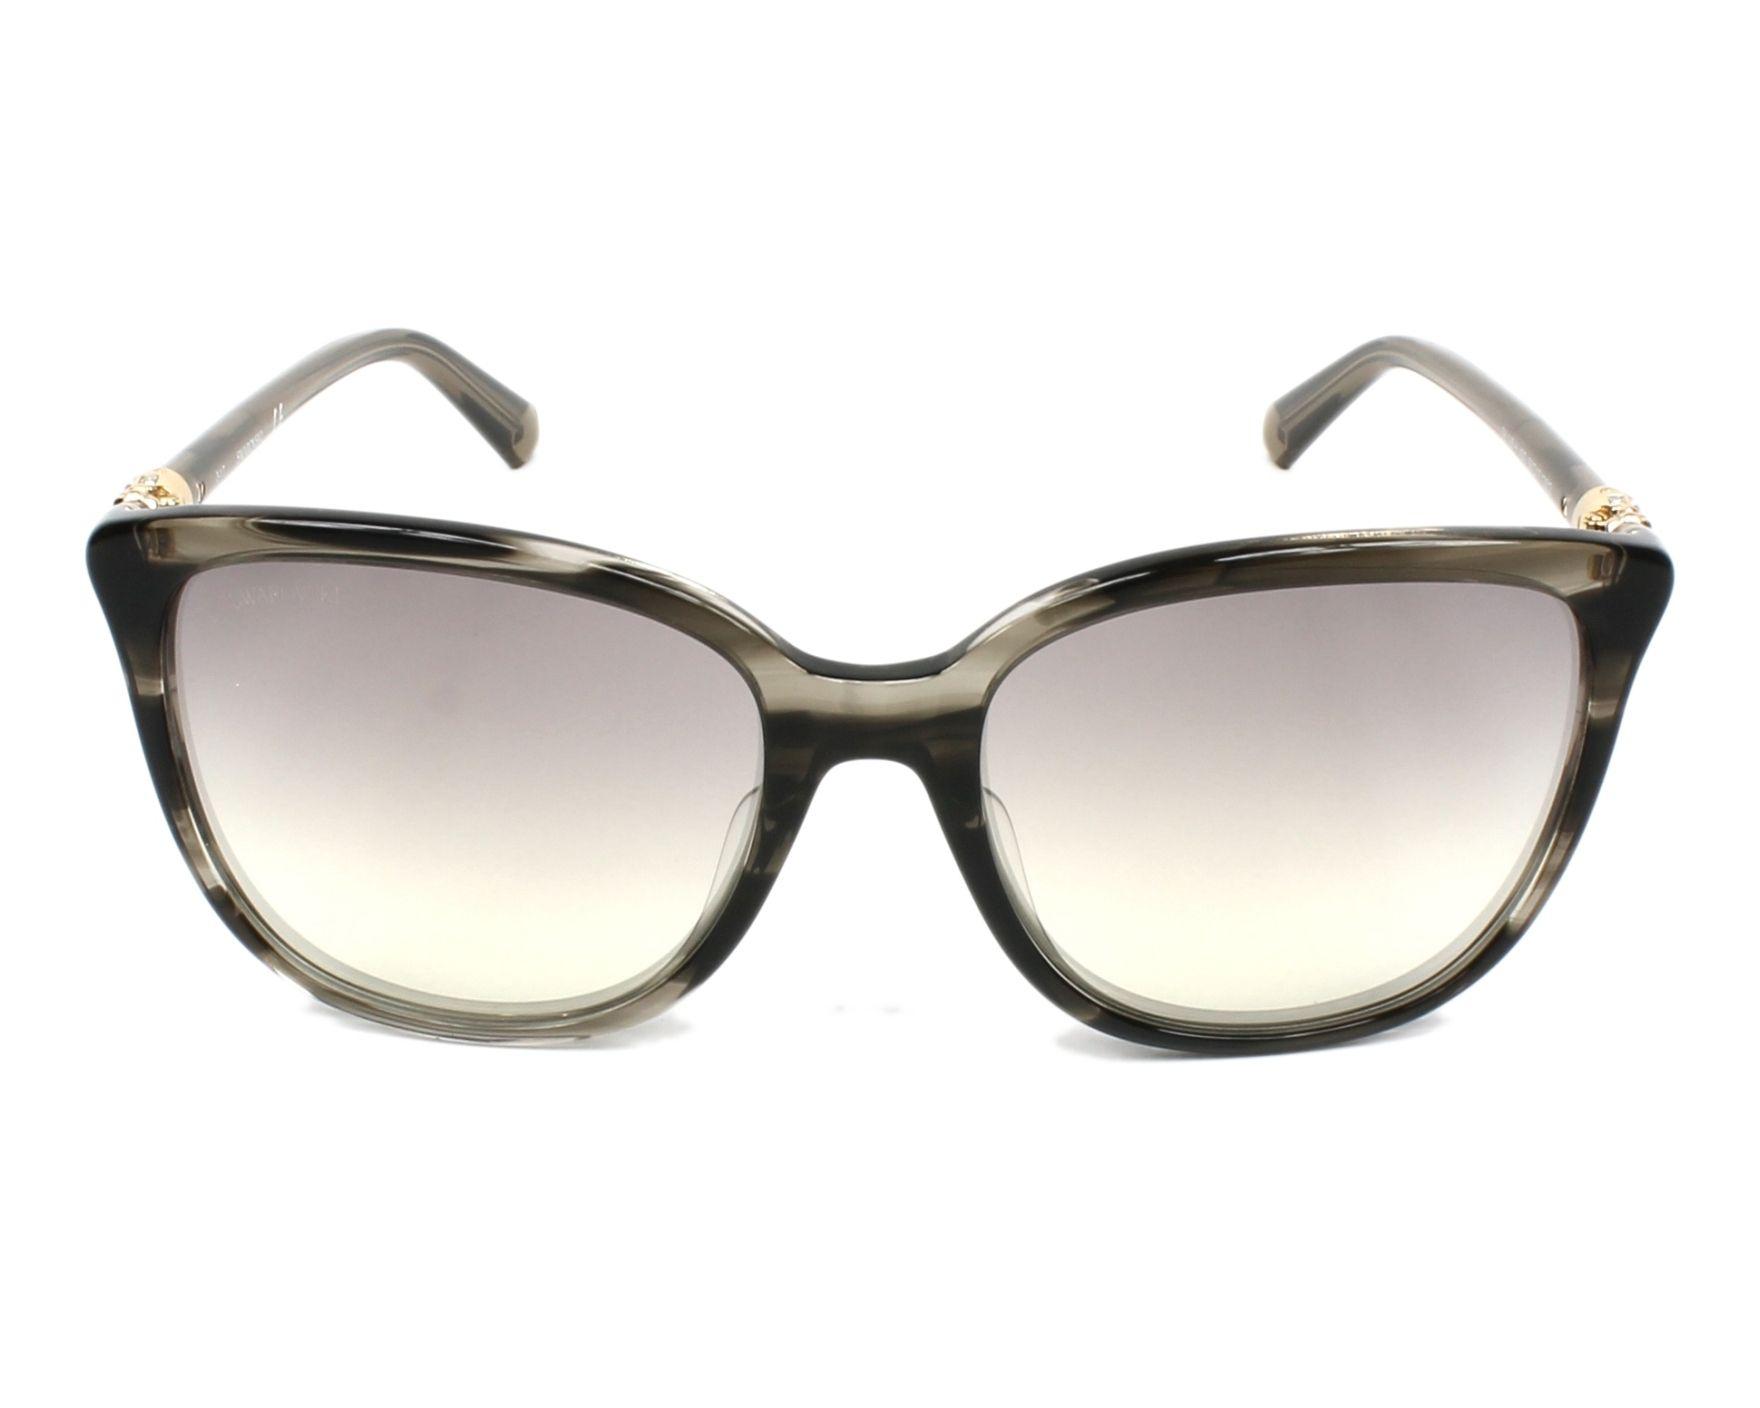 4f62ea72b6 Gafas de sol Swarovski SK-0146-H 45G 56-17 Gris Gris vista